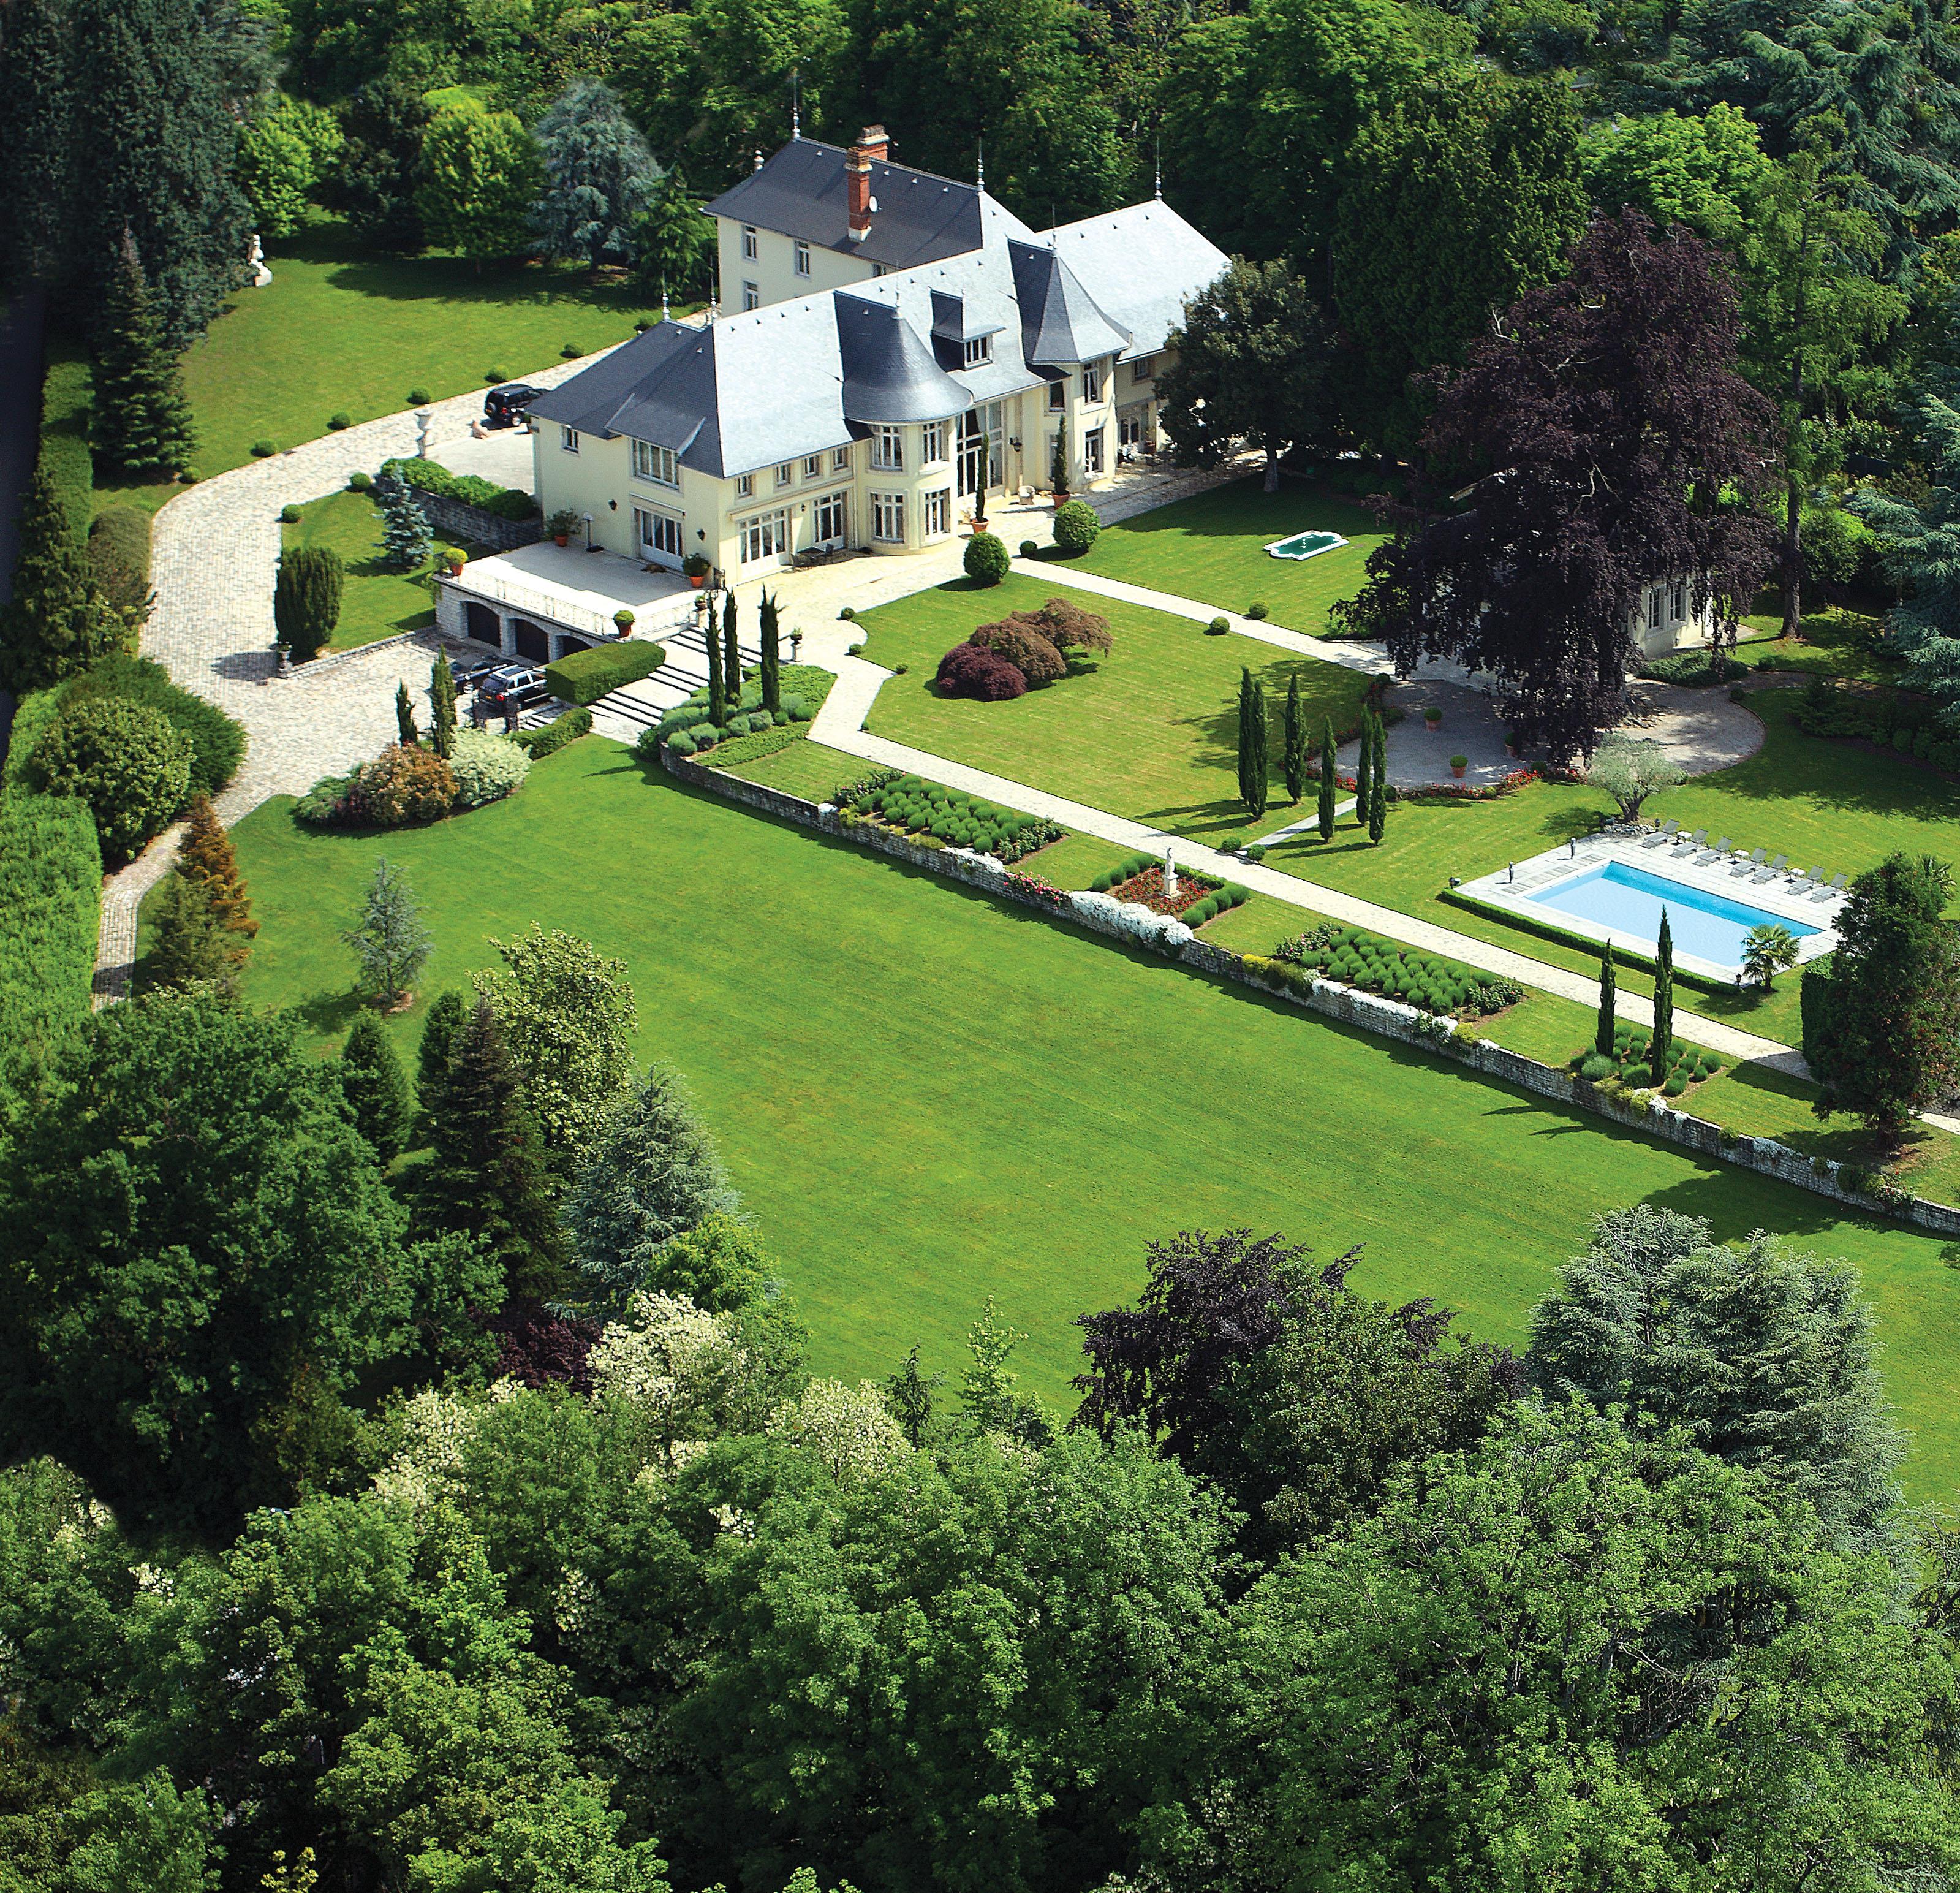 Maison unifamiliale pour l Vente à Somptueuse demeure dominant le lac du Bourget Other Rhone-Alpes, Rhone-Alpes 73100 France